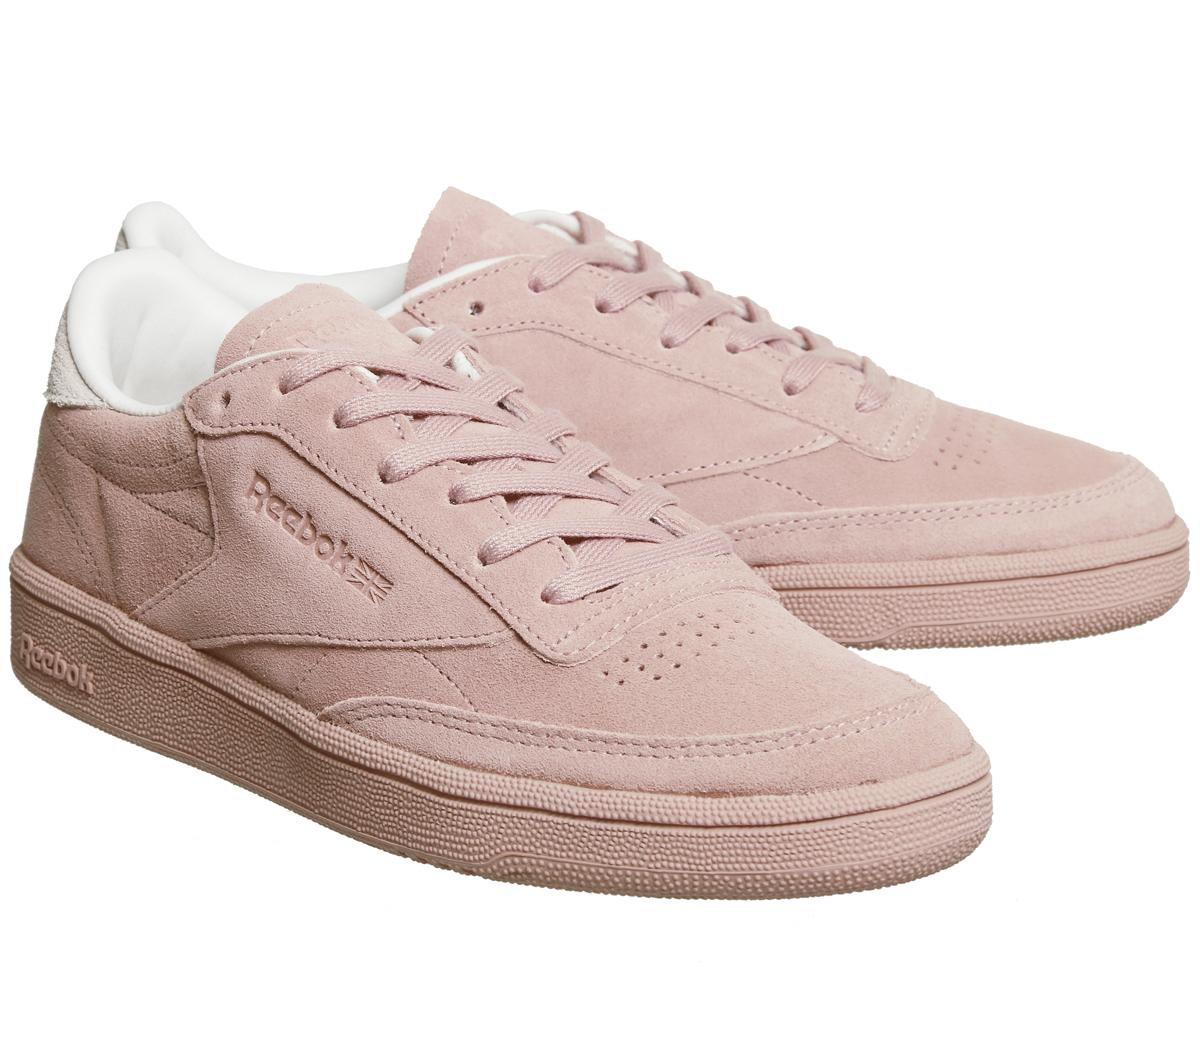 sports shoes f6141 43cd7 ... Para Mujer Reebok Club C 85 entrenadores Tiza Rosa Rosa Pálido  Zapatillas Zapatos ...